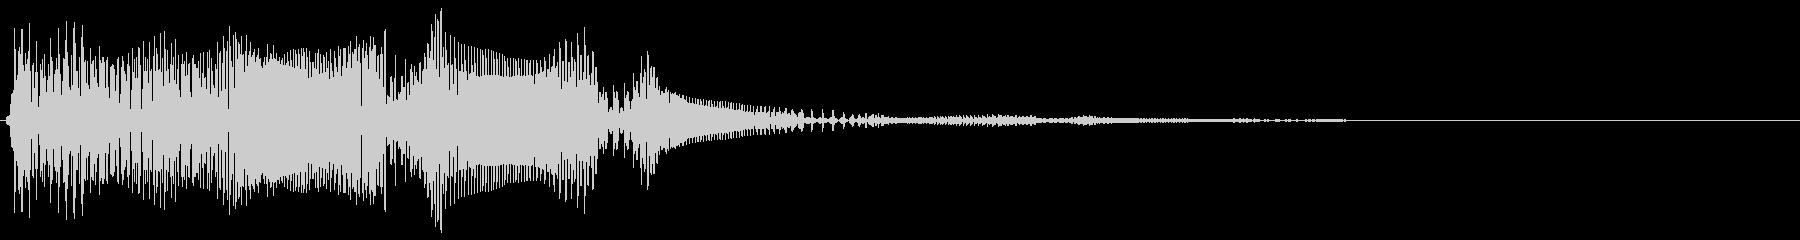 ビヨンヨン・・。はね返る・揺れる音(高)の未再生の波形